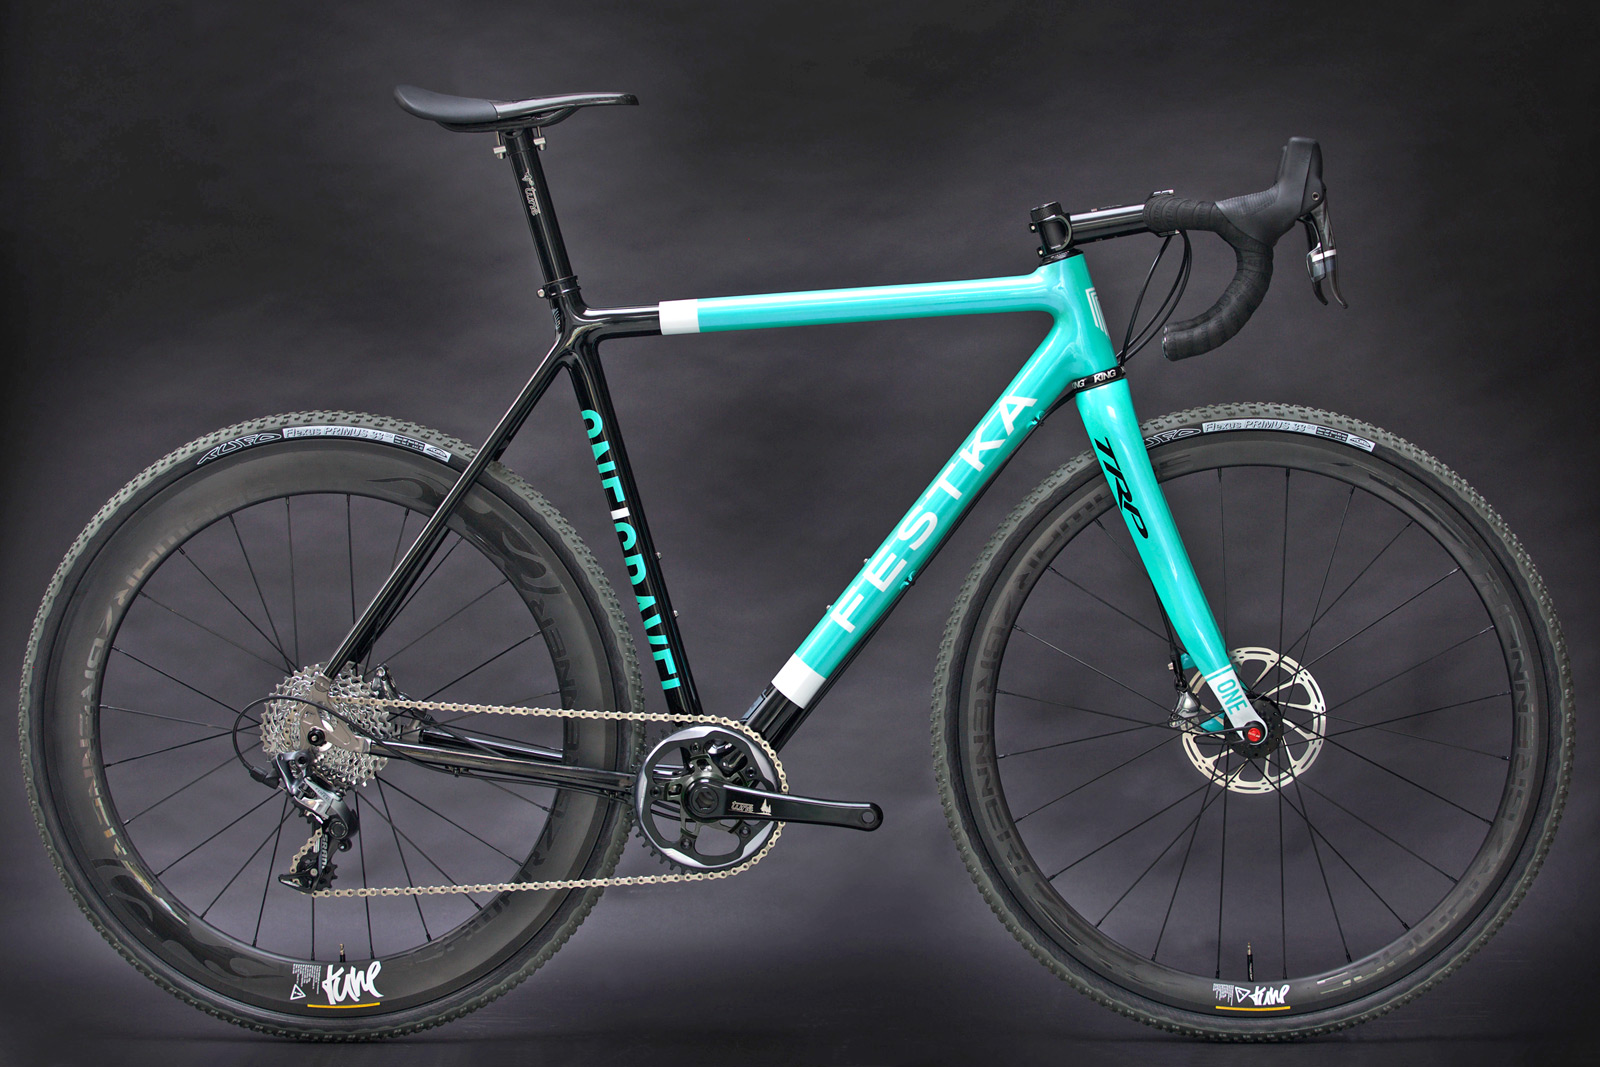 Festka_ONE-Gravel_carbon_disc-brake_custom-gravel-road-cross-cyclocross-bike_complete.jpg